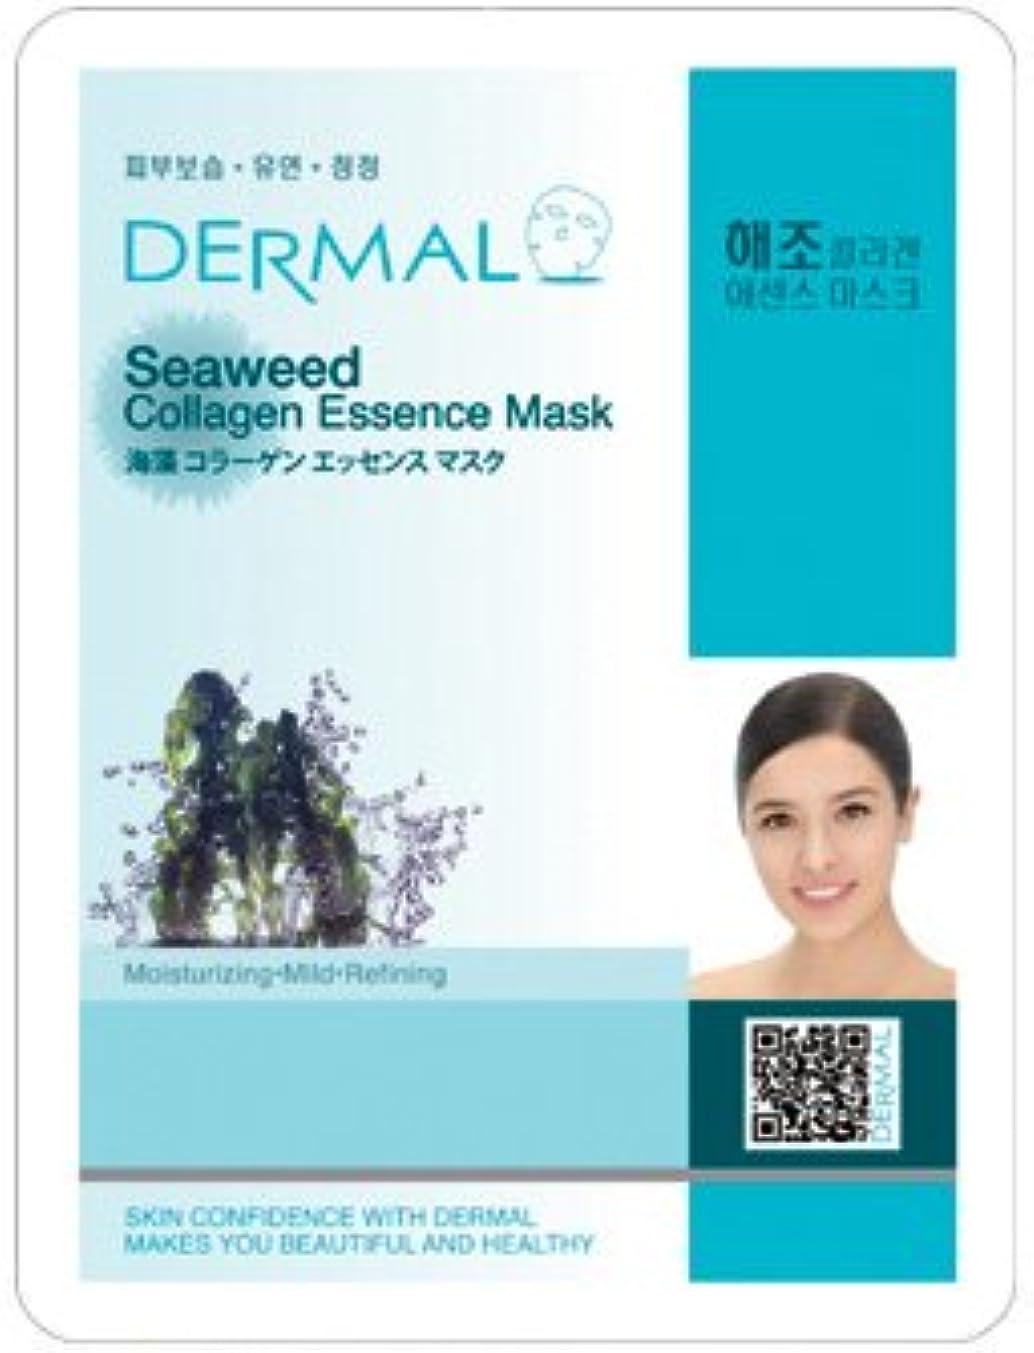 スパン確かな座るシートマスク 海藻 100枚セット ダーマル(Dermal) フェイス パック